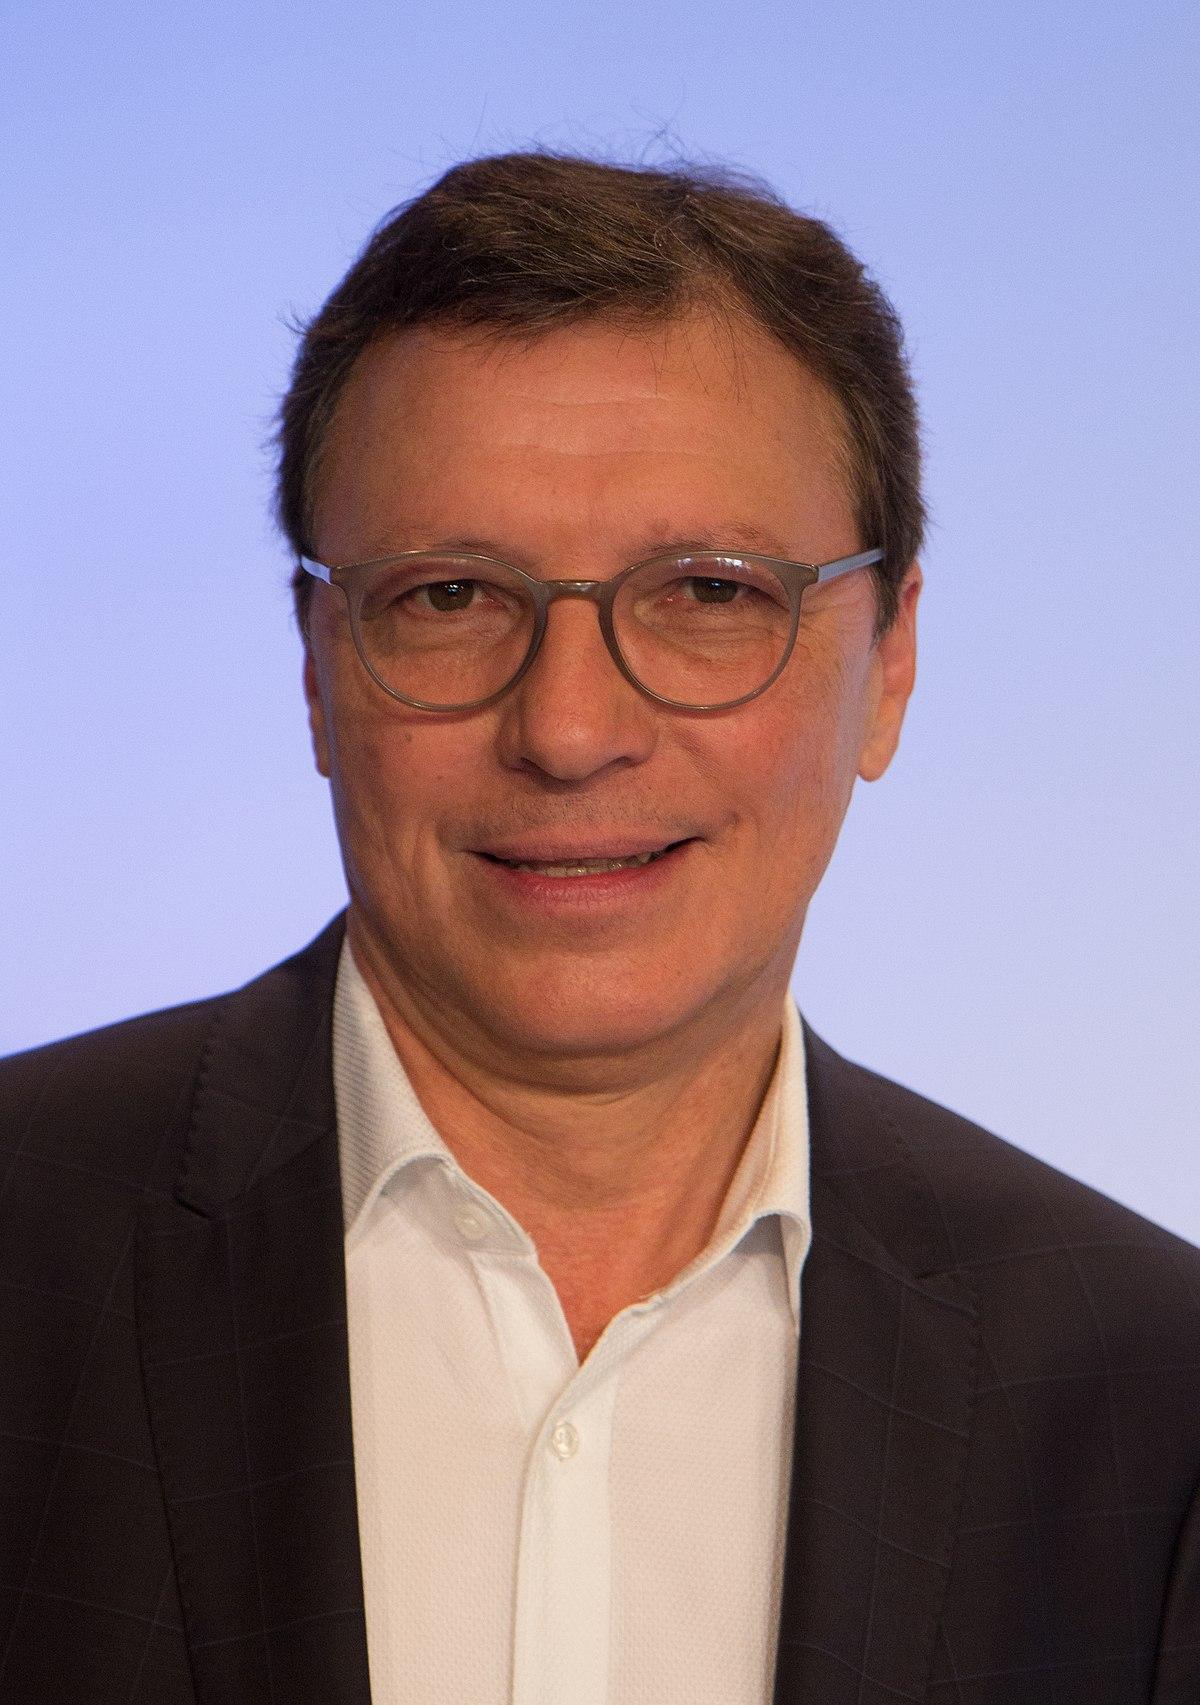 Volker Herres – Wikipedia